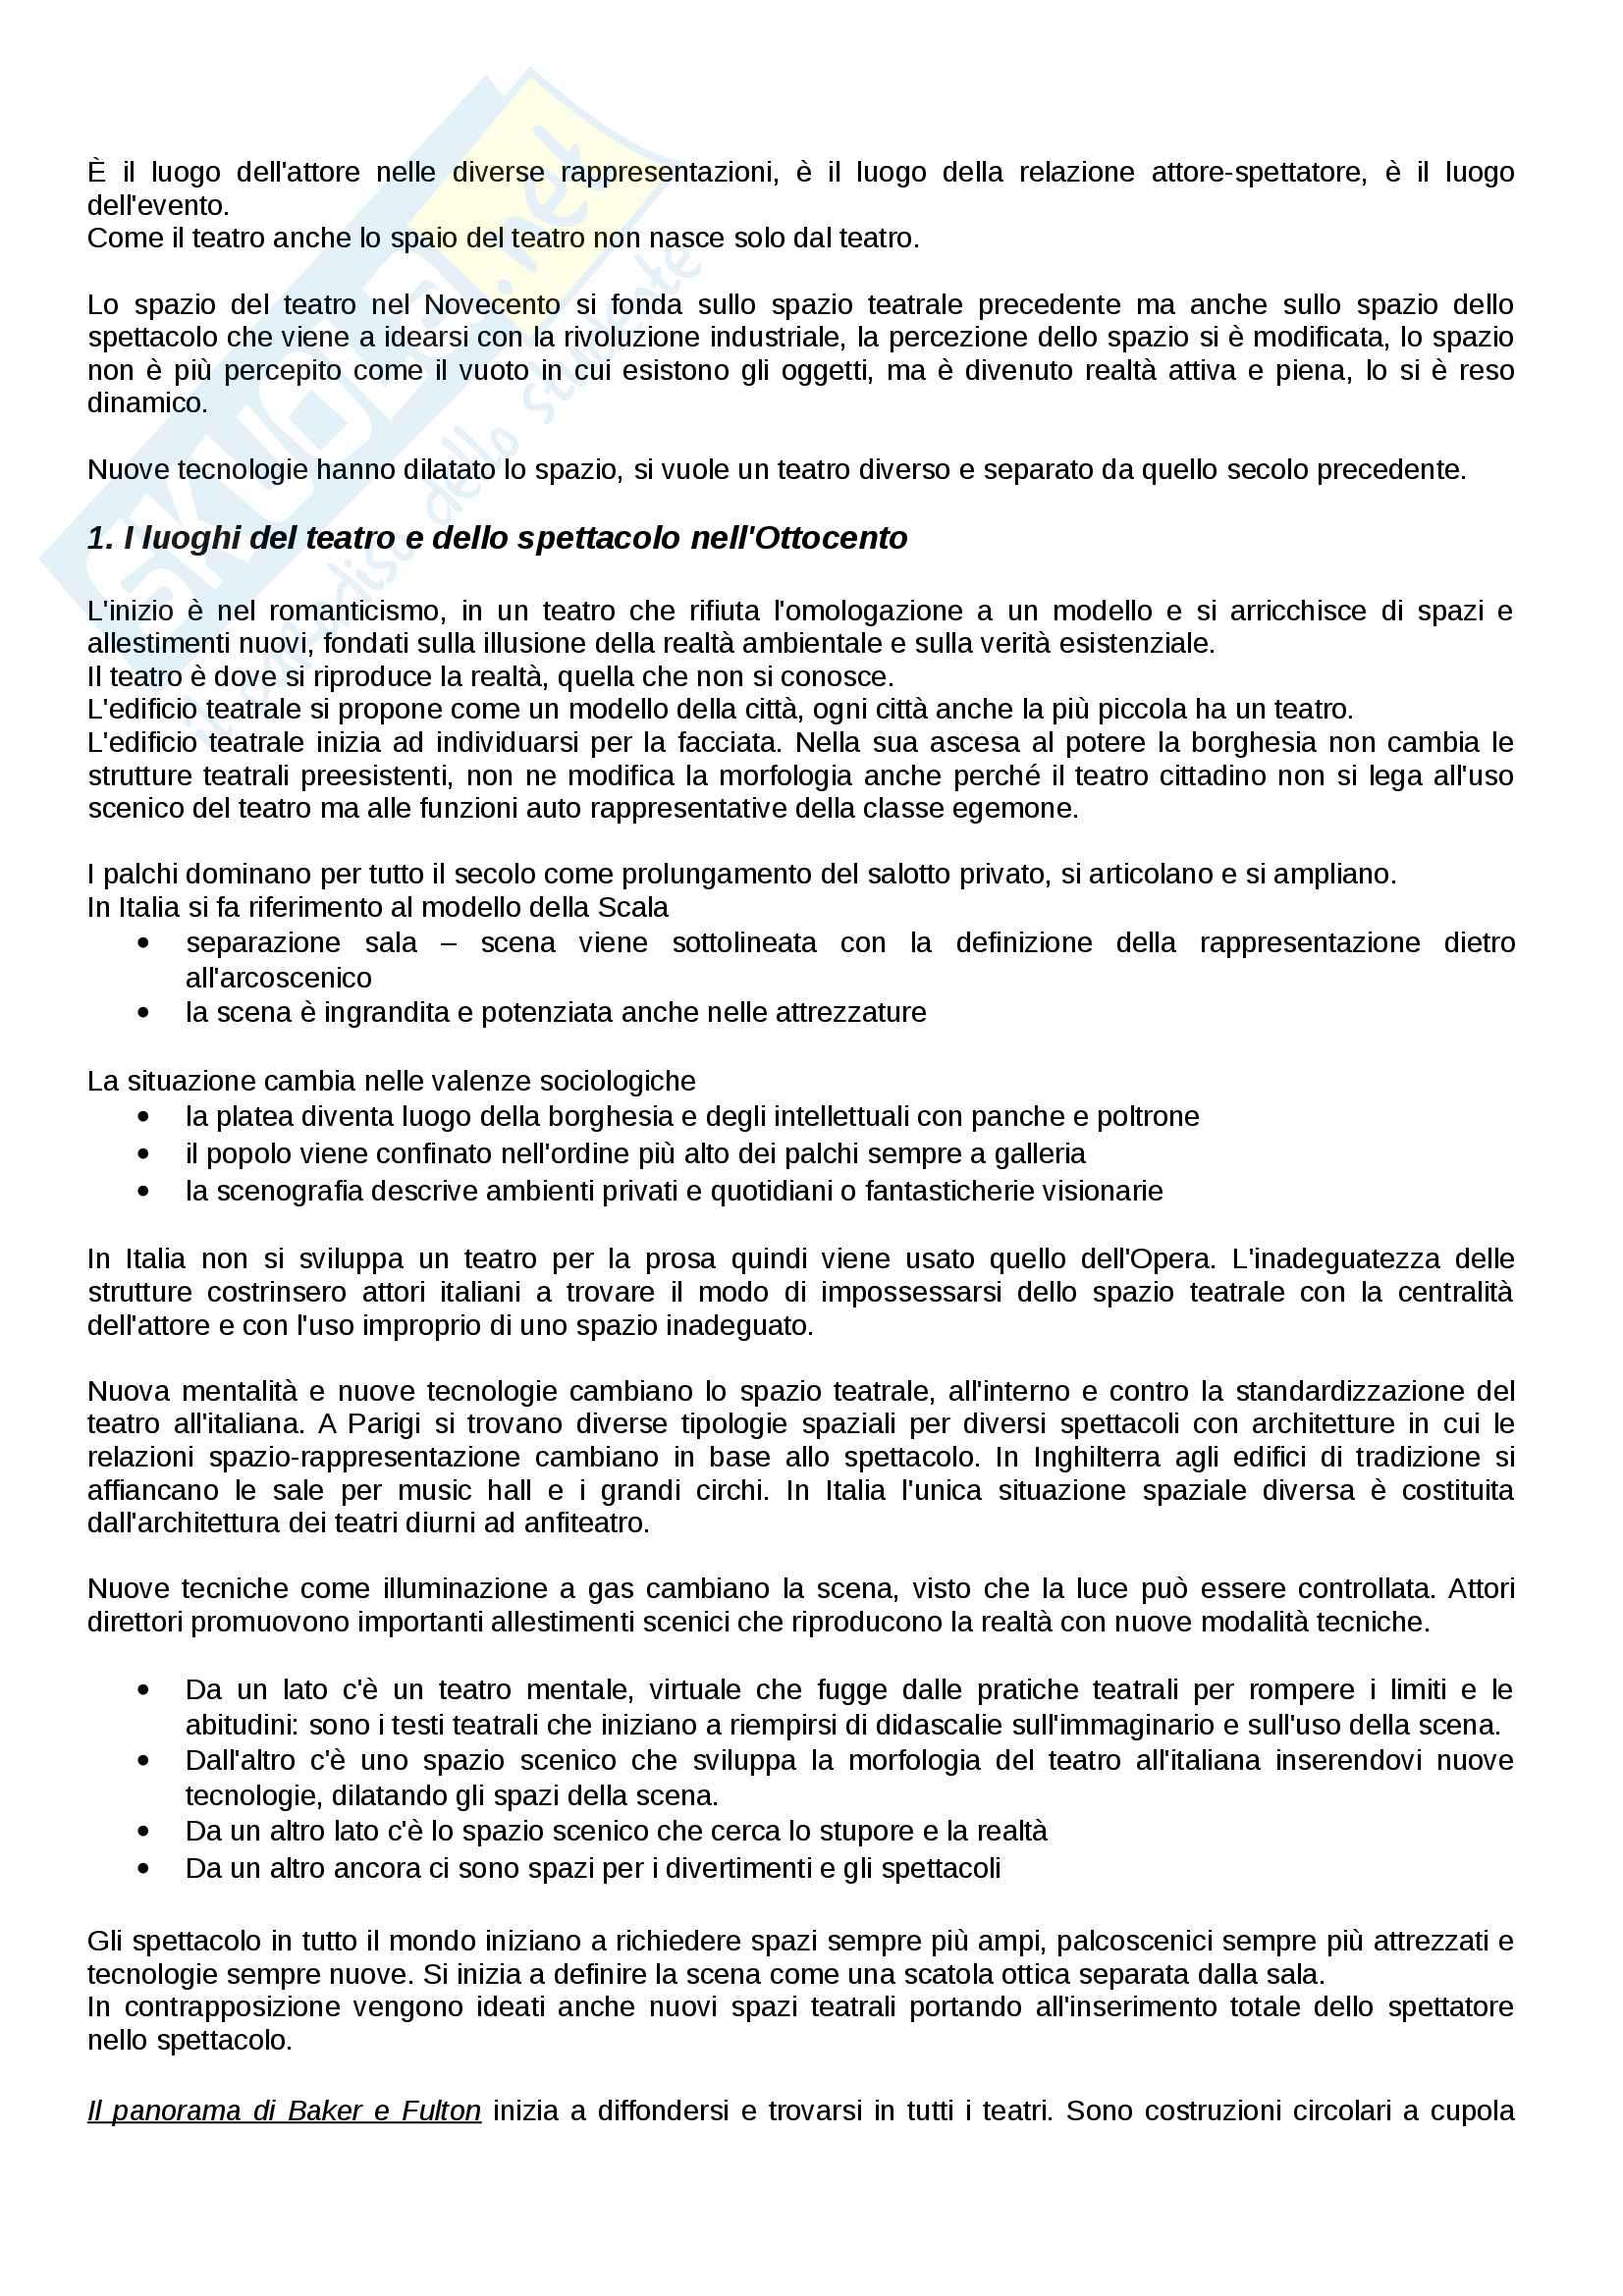 Riassunto esame Organizzazione dello Spazio teatrale, docente  Valenti, Libro consigliato Lo spazio del Teatro, Cruciani Pag. 16